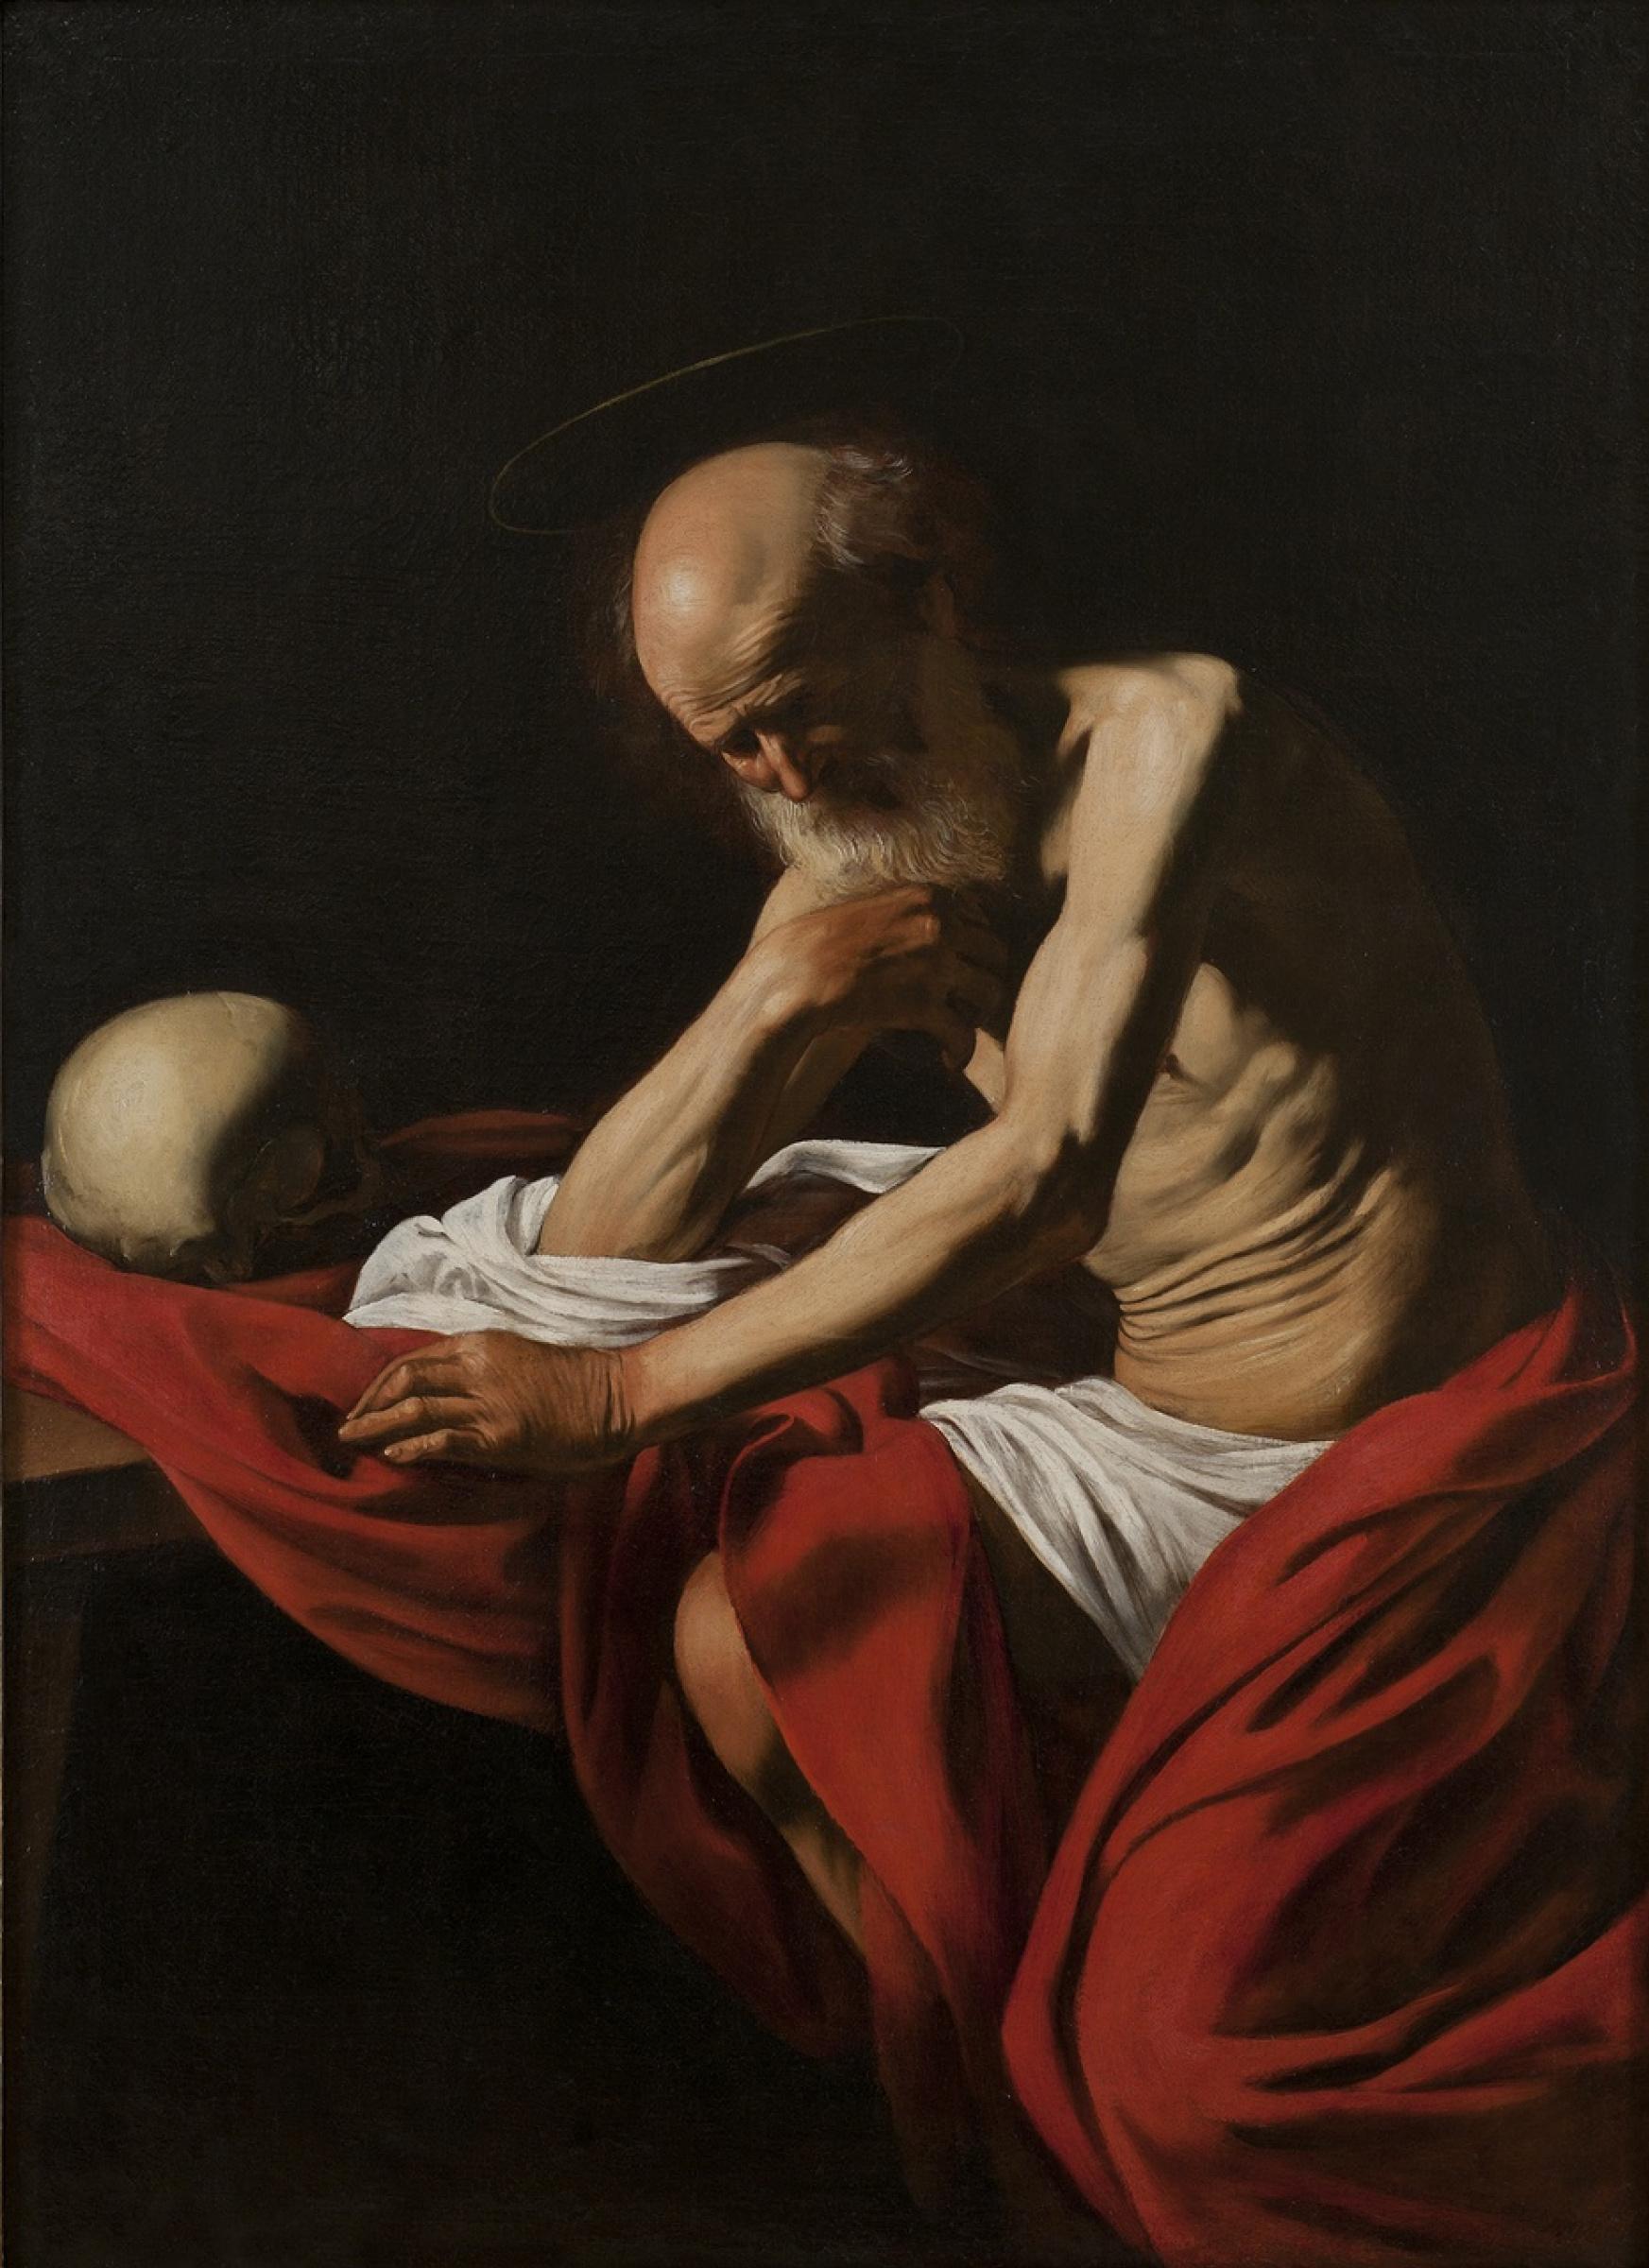 Микеланджело Меризи де Караваджо. Святой Иероним в раздумьях